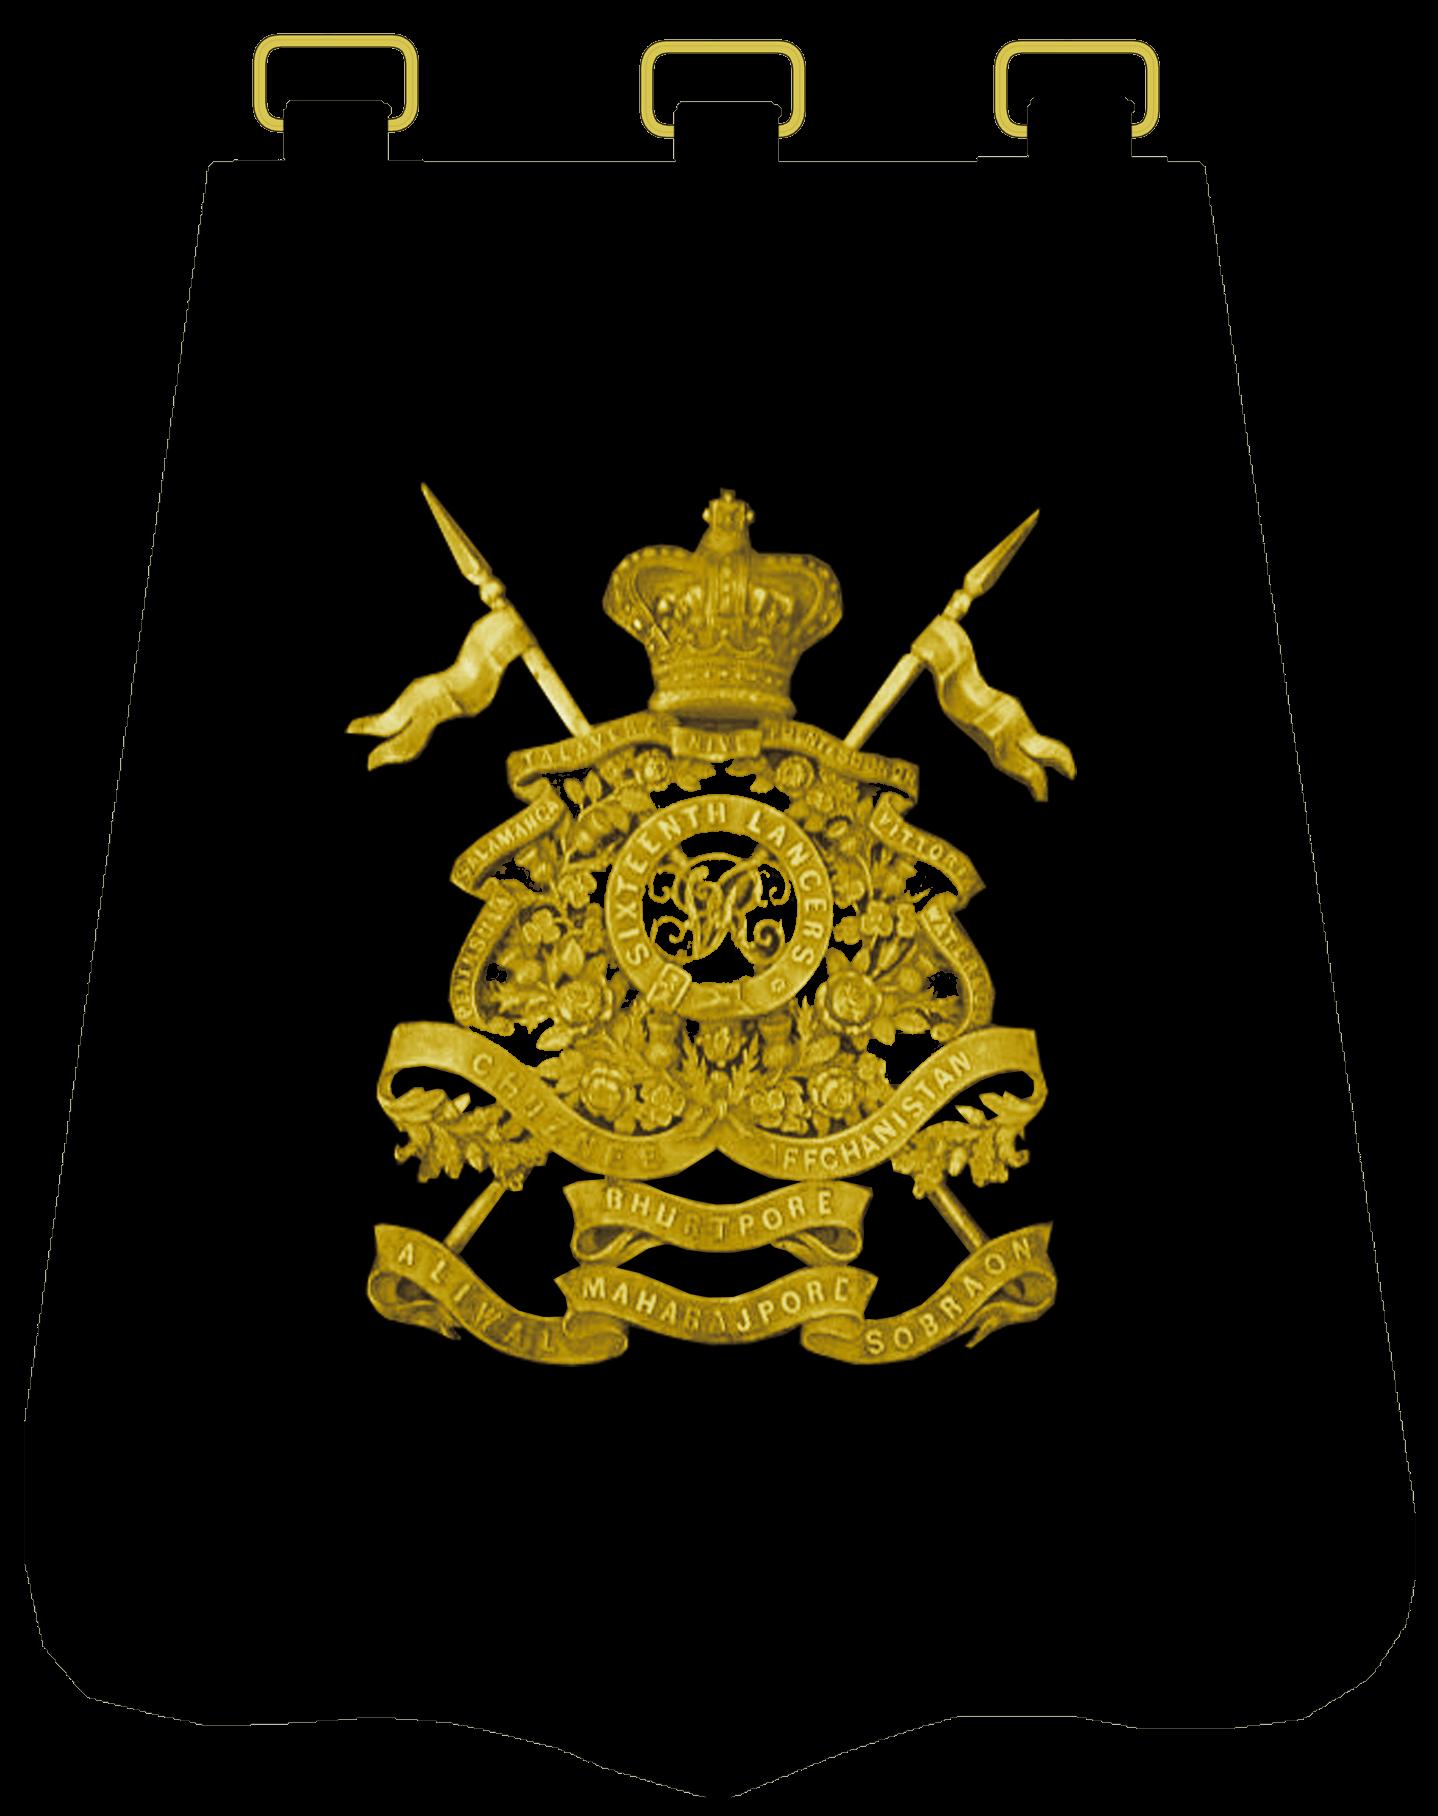 Ташка офицера 16 уланского полка.